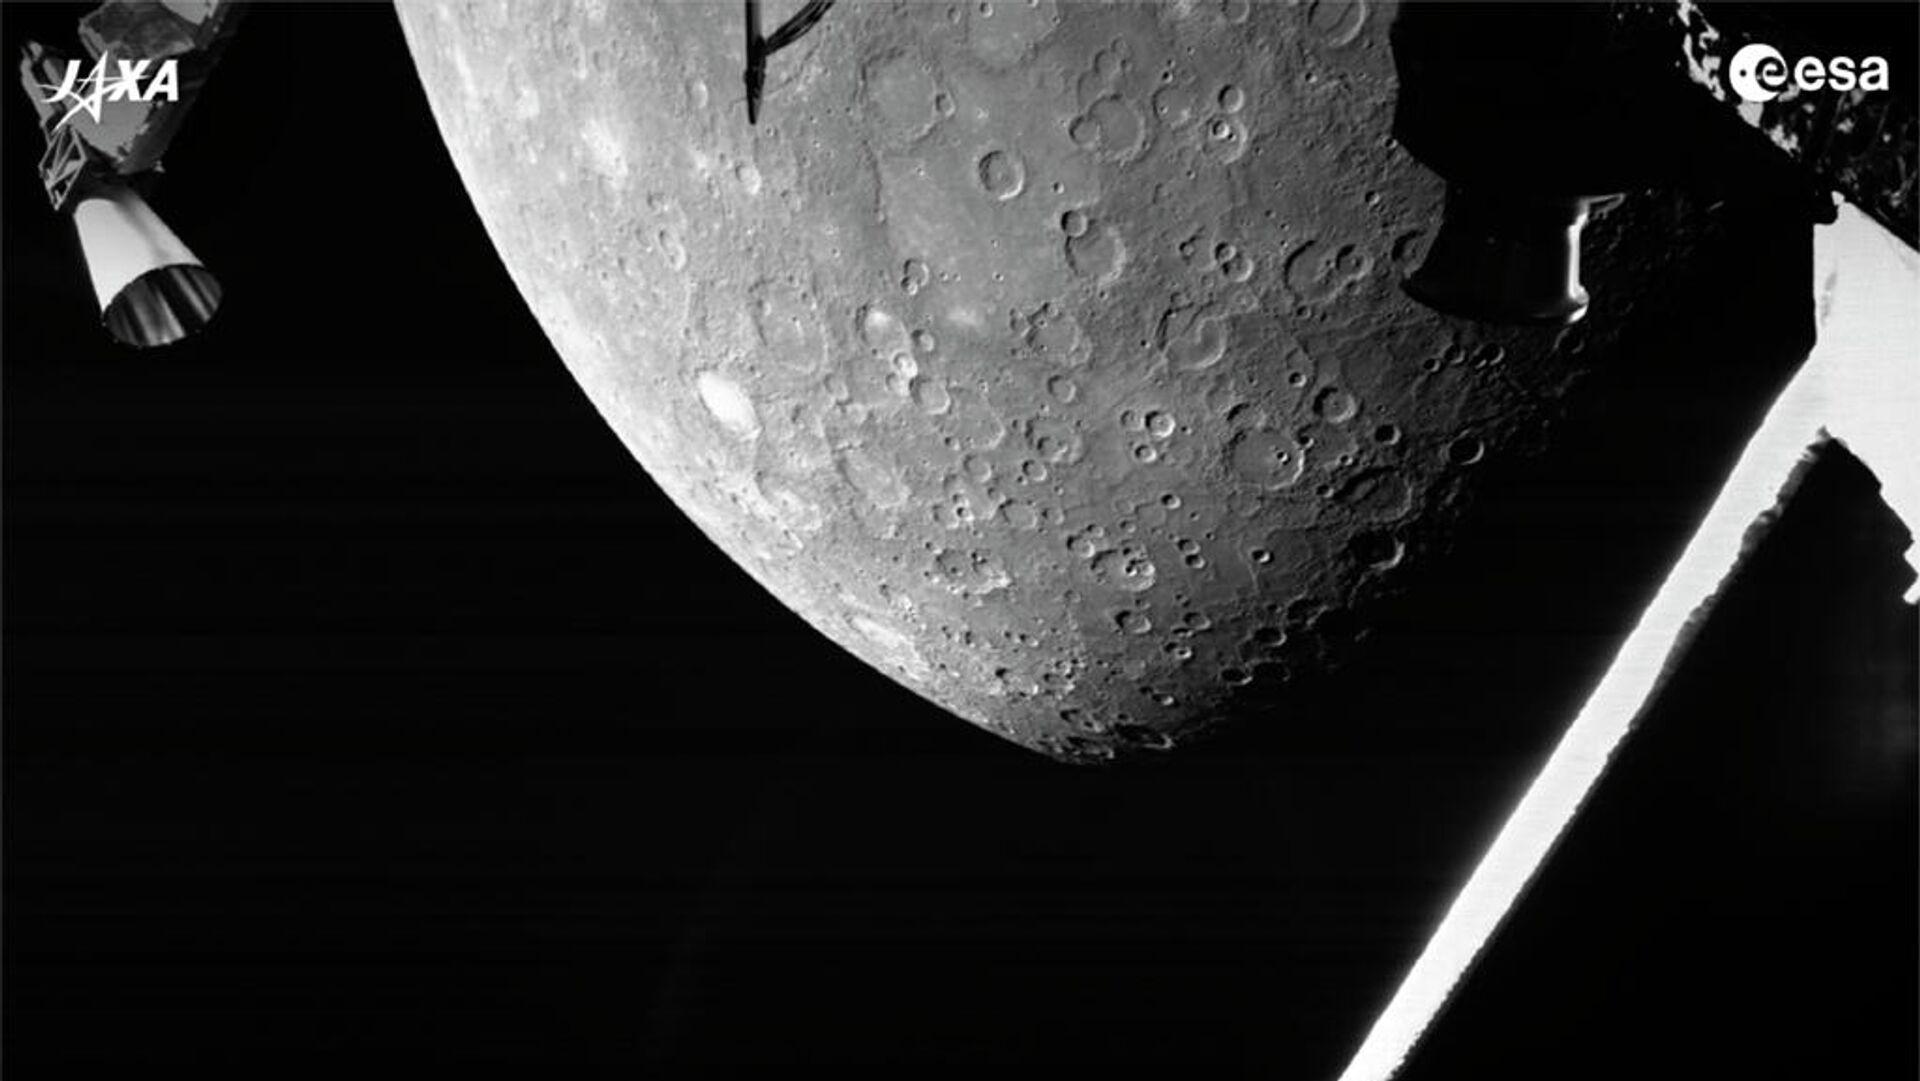 Die europäisch-japanische Raumsonde BepiColombo schickt erste Bilder von Merkur - SNA, 1920, 02.10.2021